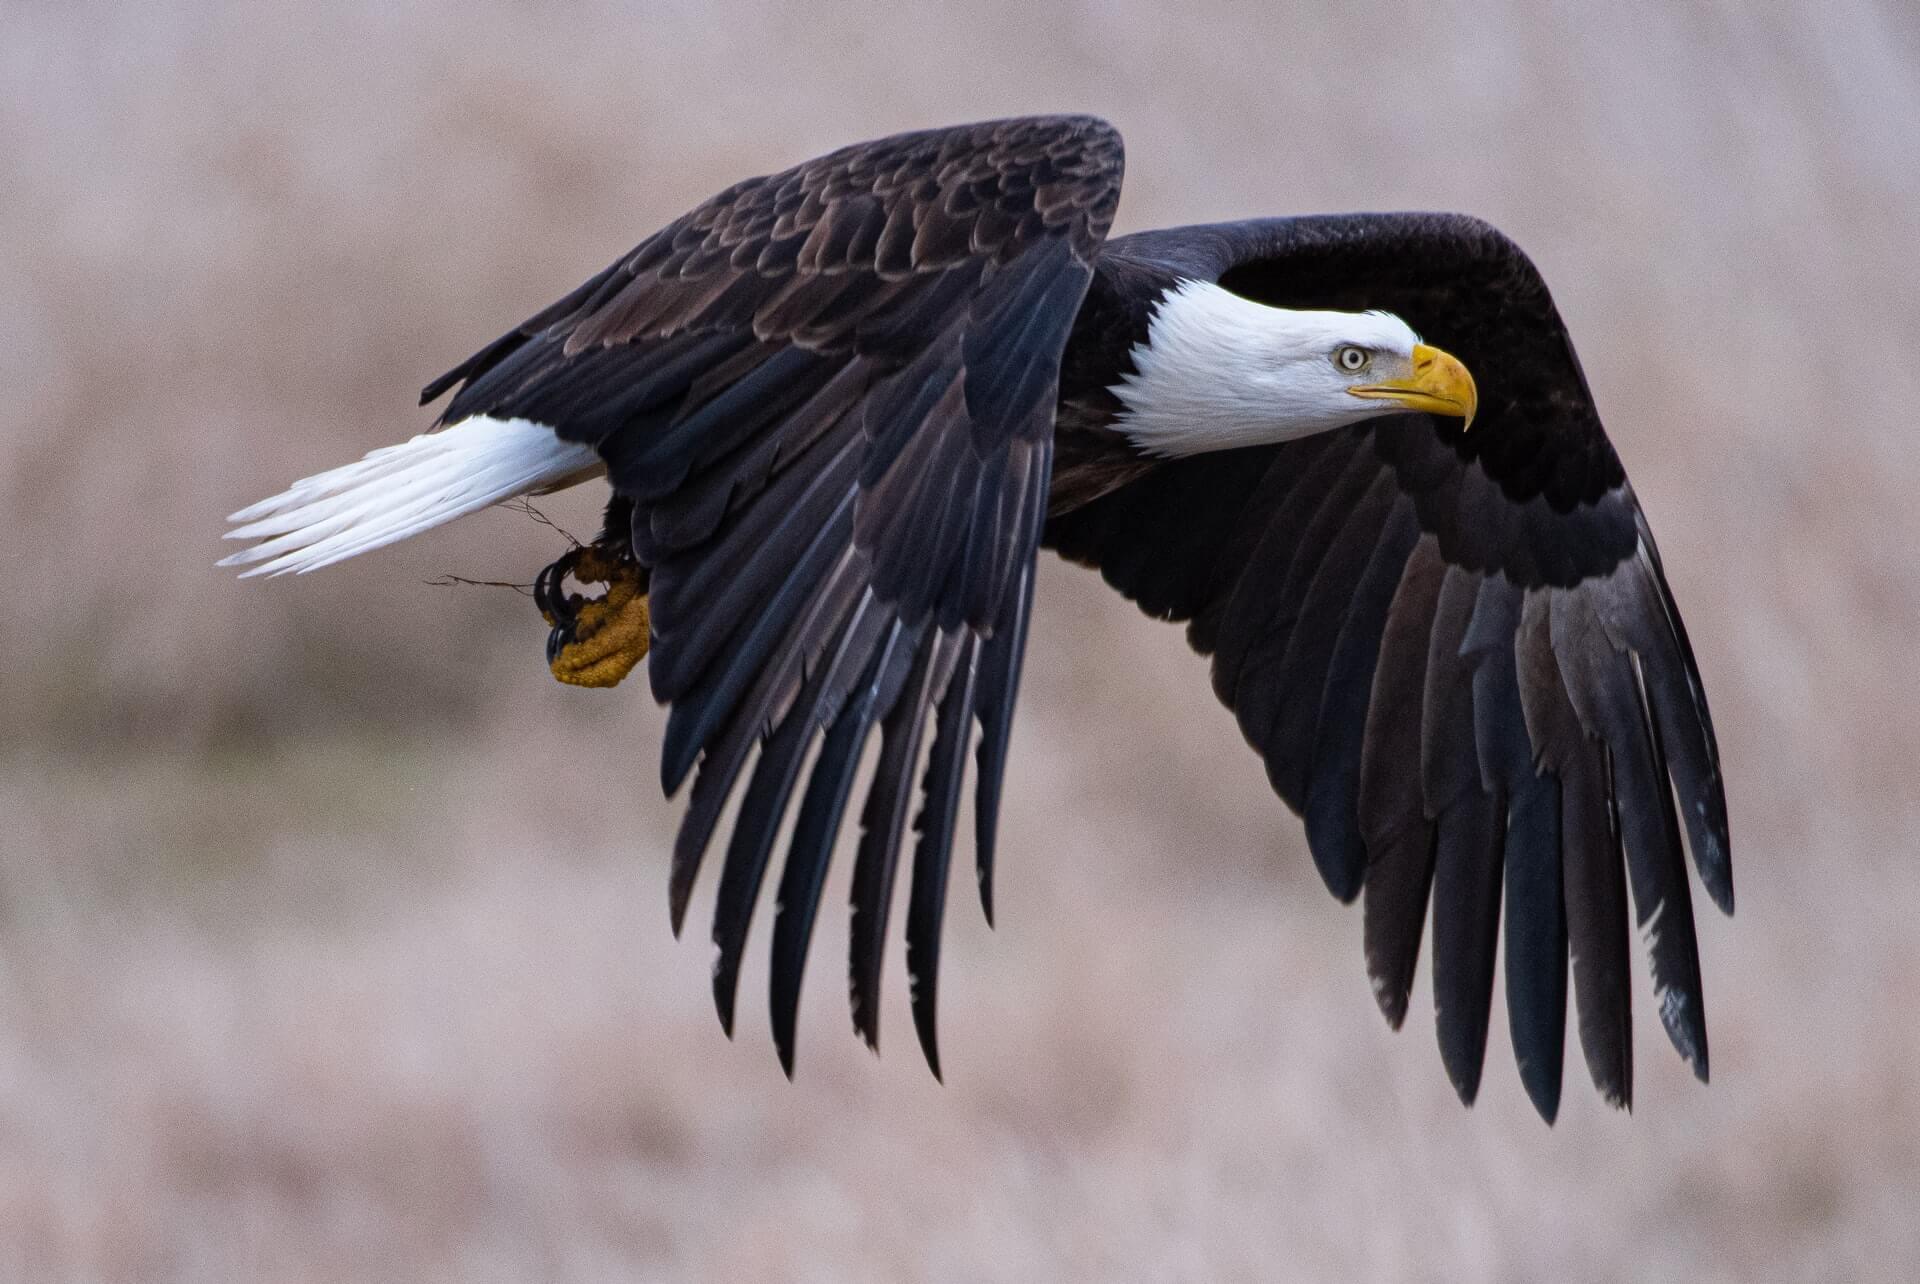 soar-like-eagle-start-something-huge-bald-eagle-in-flight